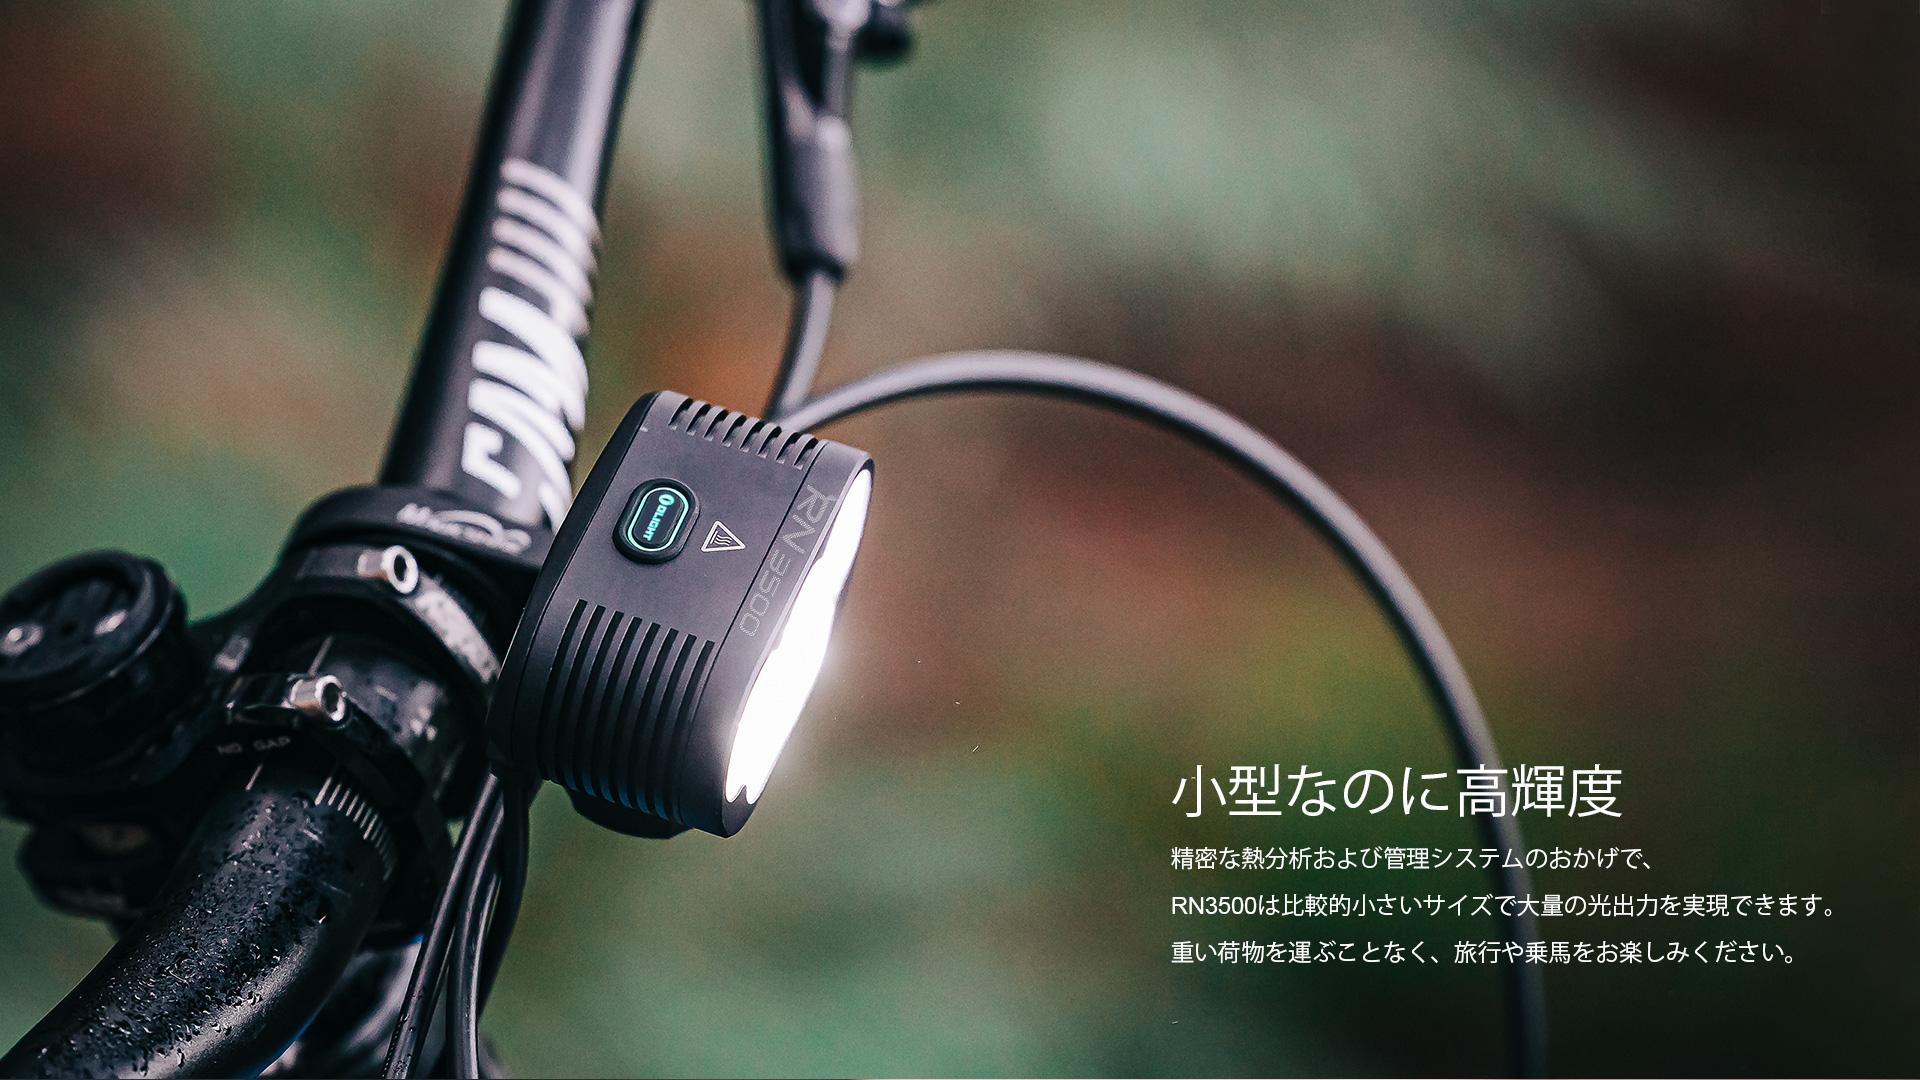 RN3500の明るさは、80ルーメンから3500ルーメンまで調整できます。